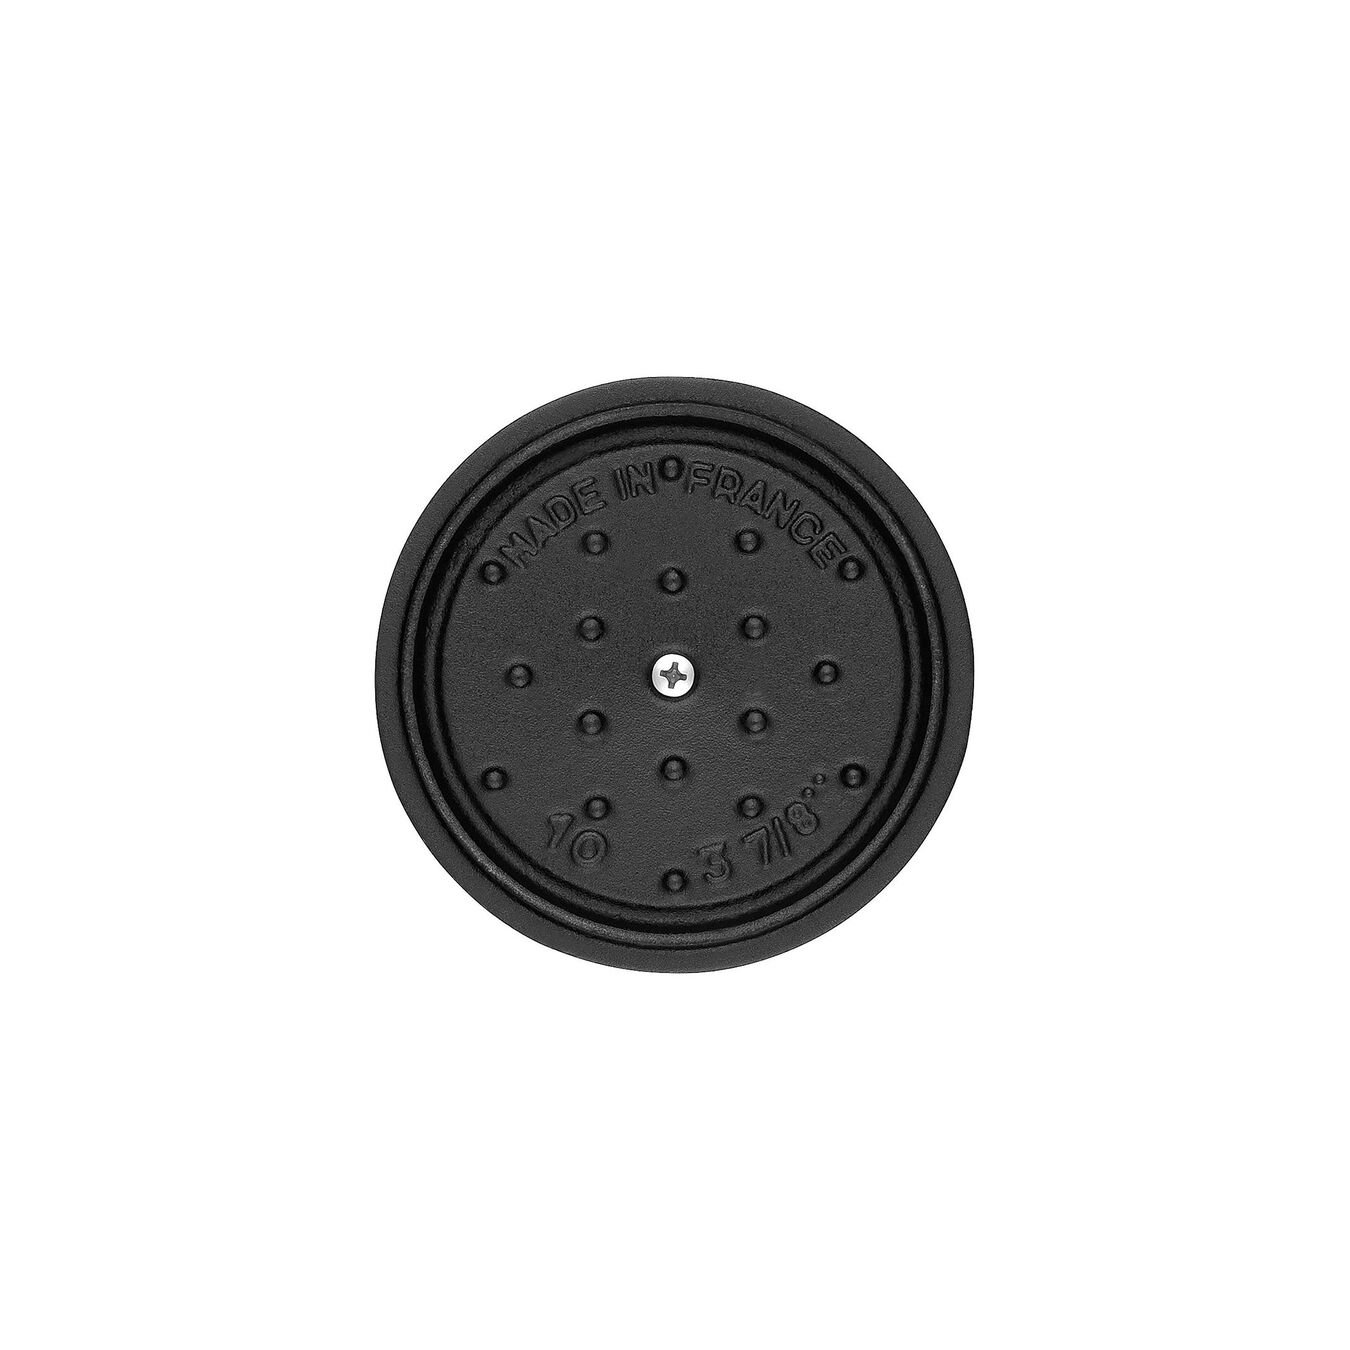 Mini poêle à frire 10 cm / 250 ml, Rond, Noir,,large 2